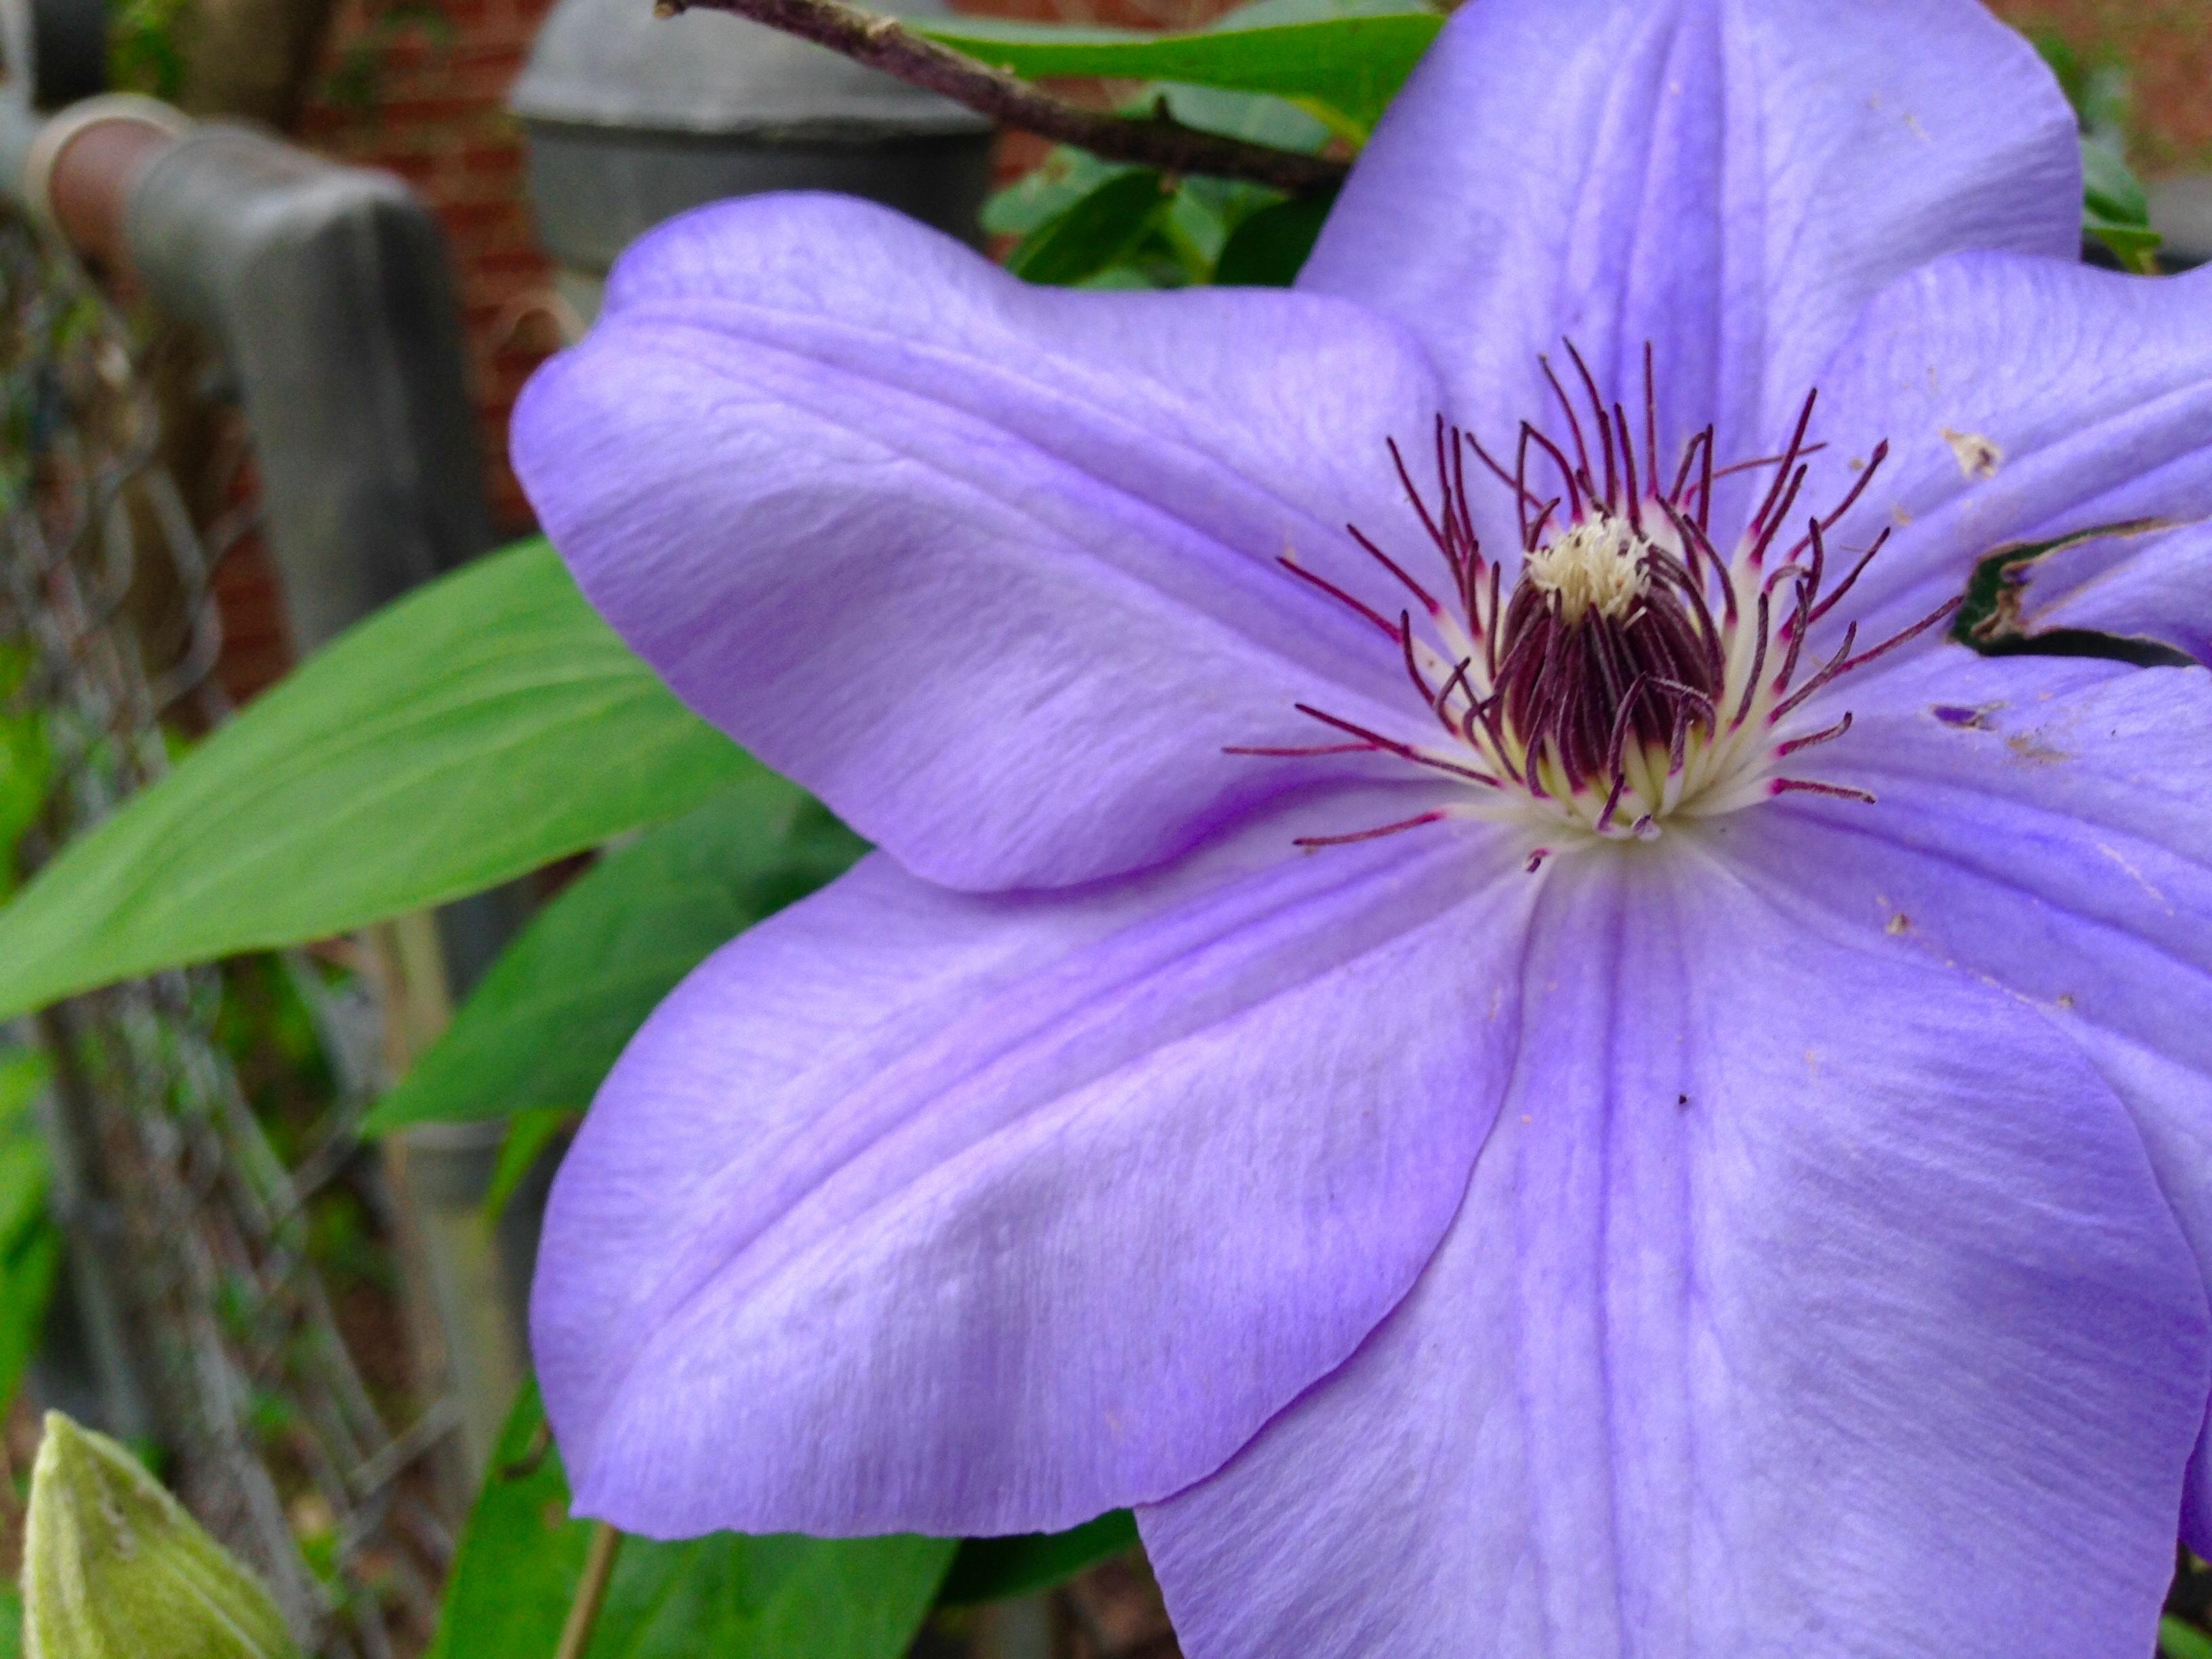 images gratuites la nature fleur violet p tale floraison printemps botanique flore. Black Bedroom Furniture Sets. Home Design Ideas